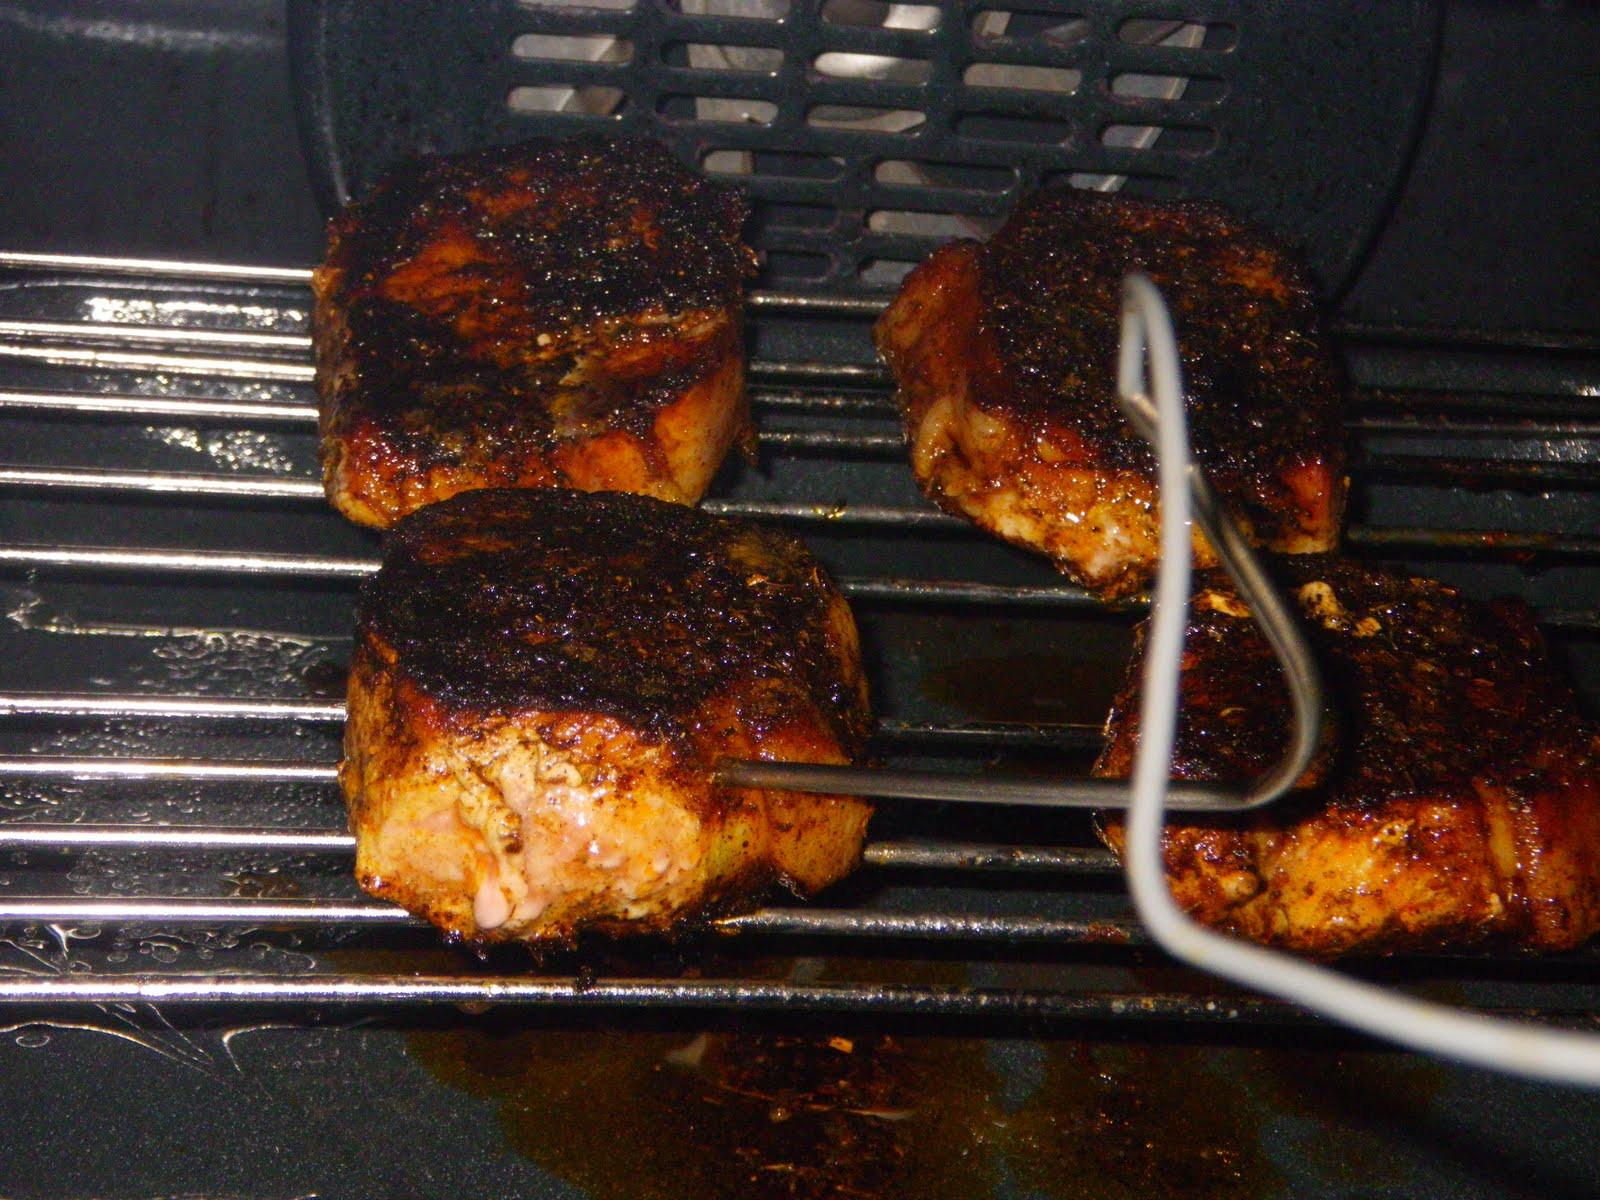 Temp To Bake Pork Chops  Temperature For Baking Pork Loin Chops